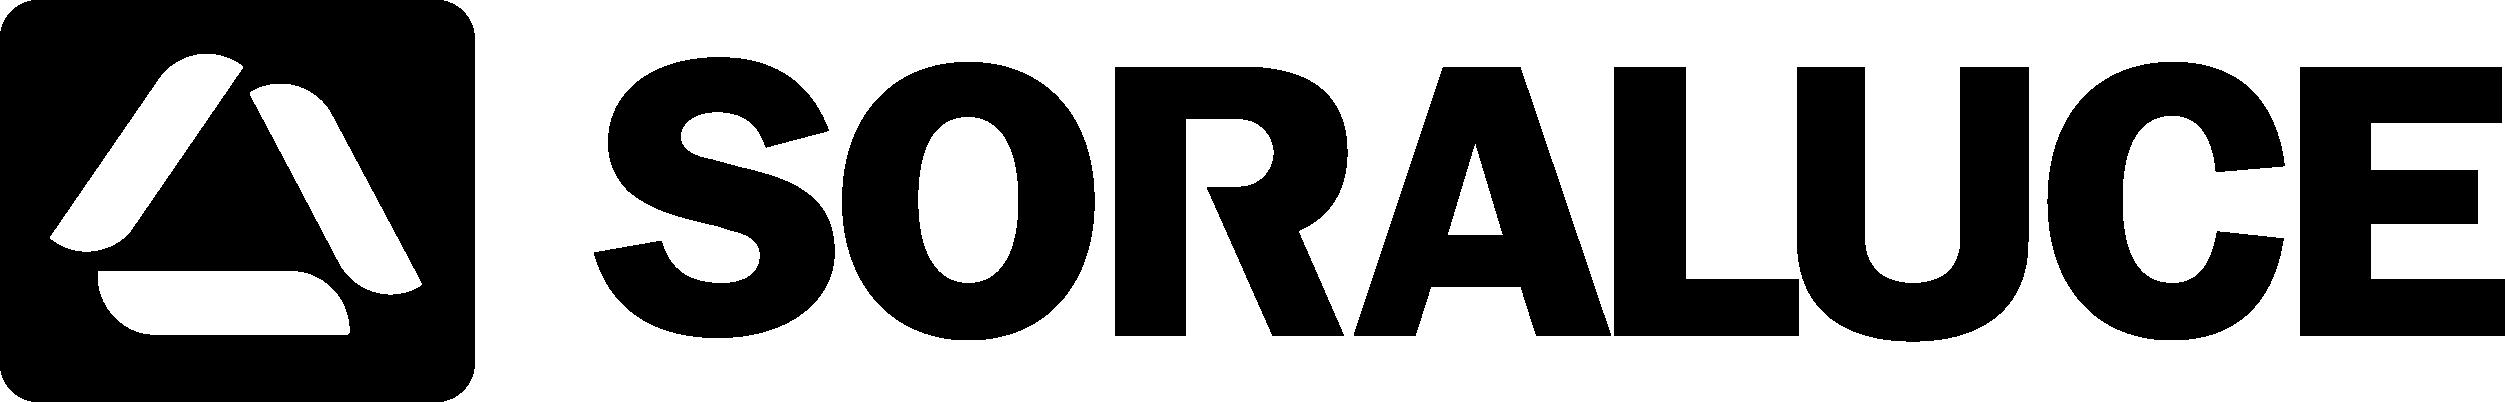 Черно-белый логотип SORALUCE